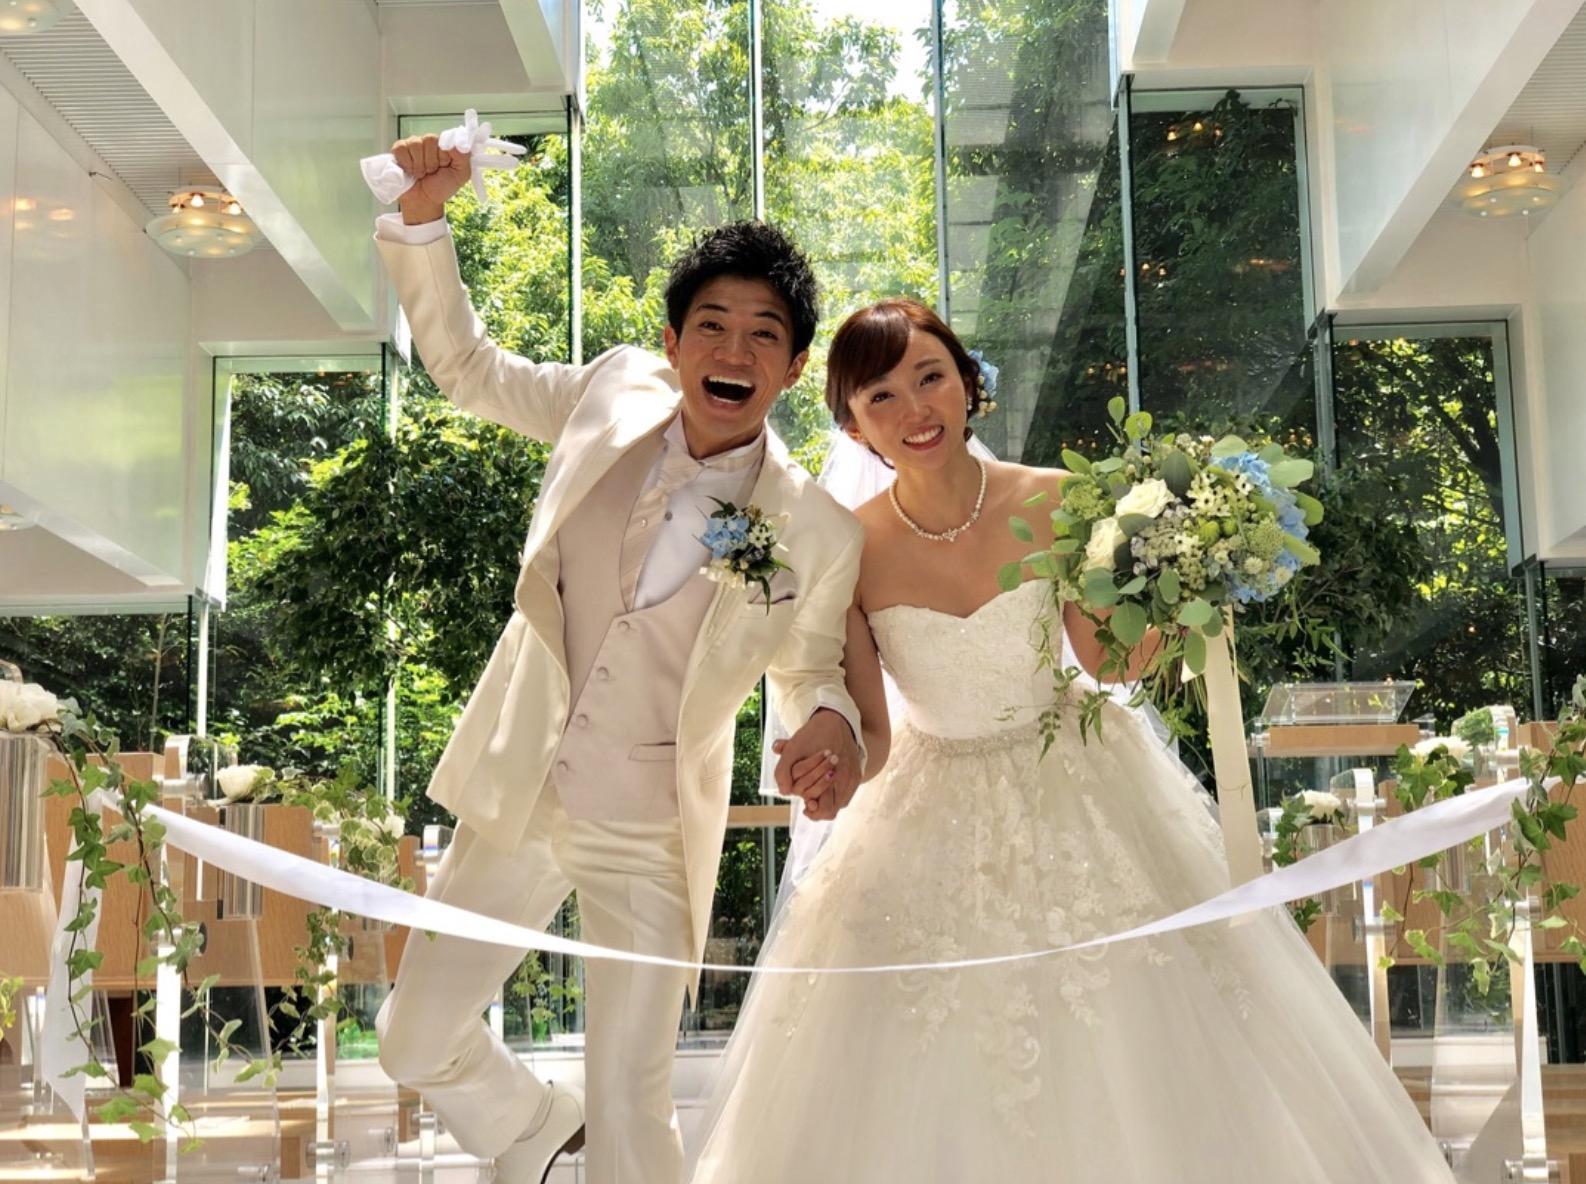 吉木りさ、和田正人との結婚披露宴を語る「終始しあわせな1日でした」